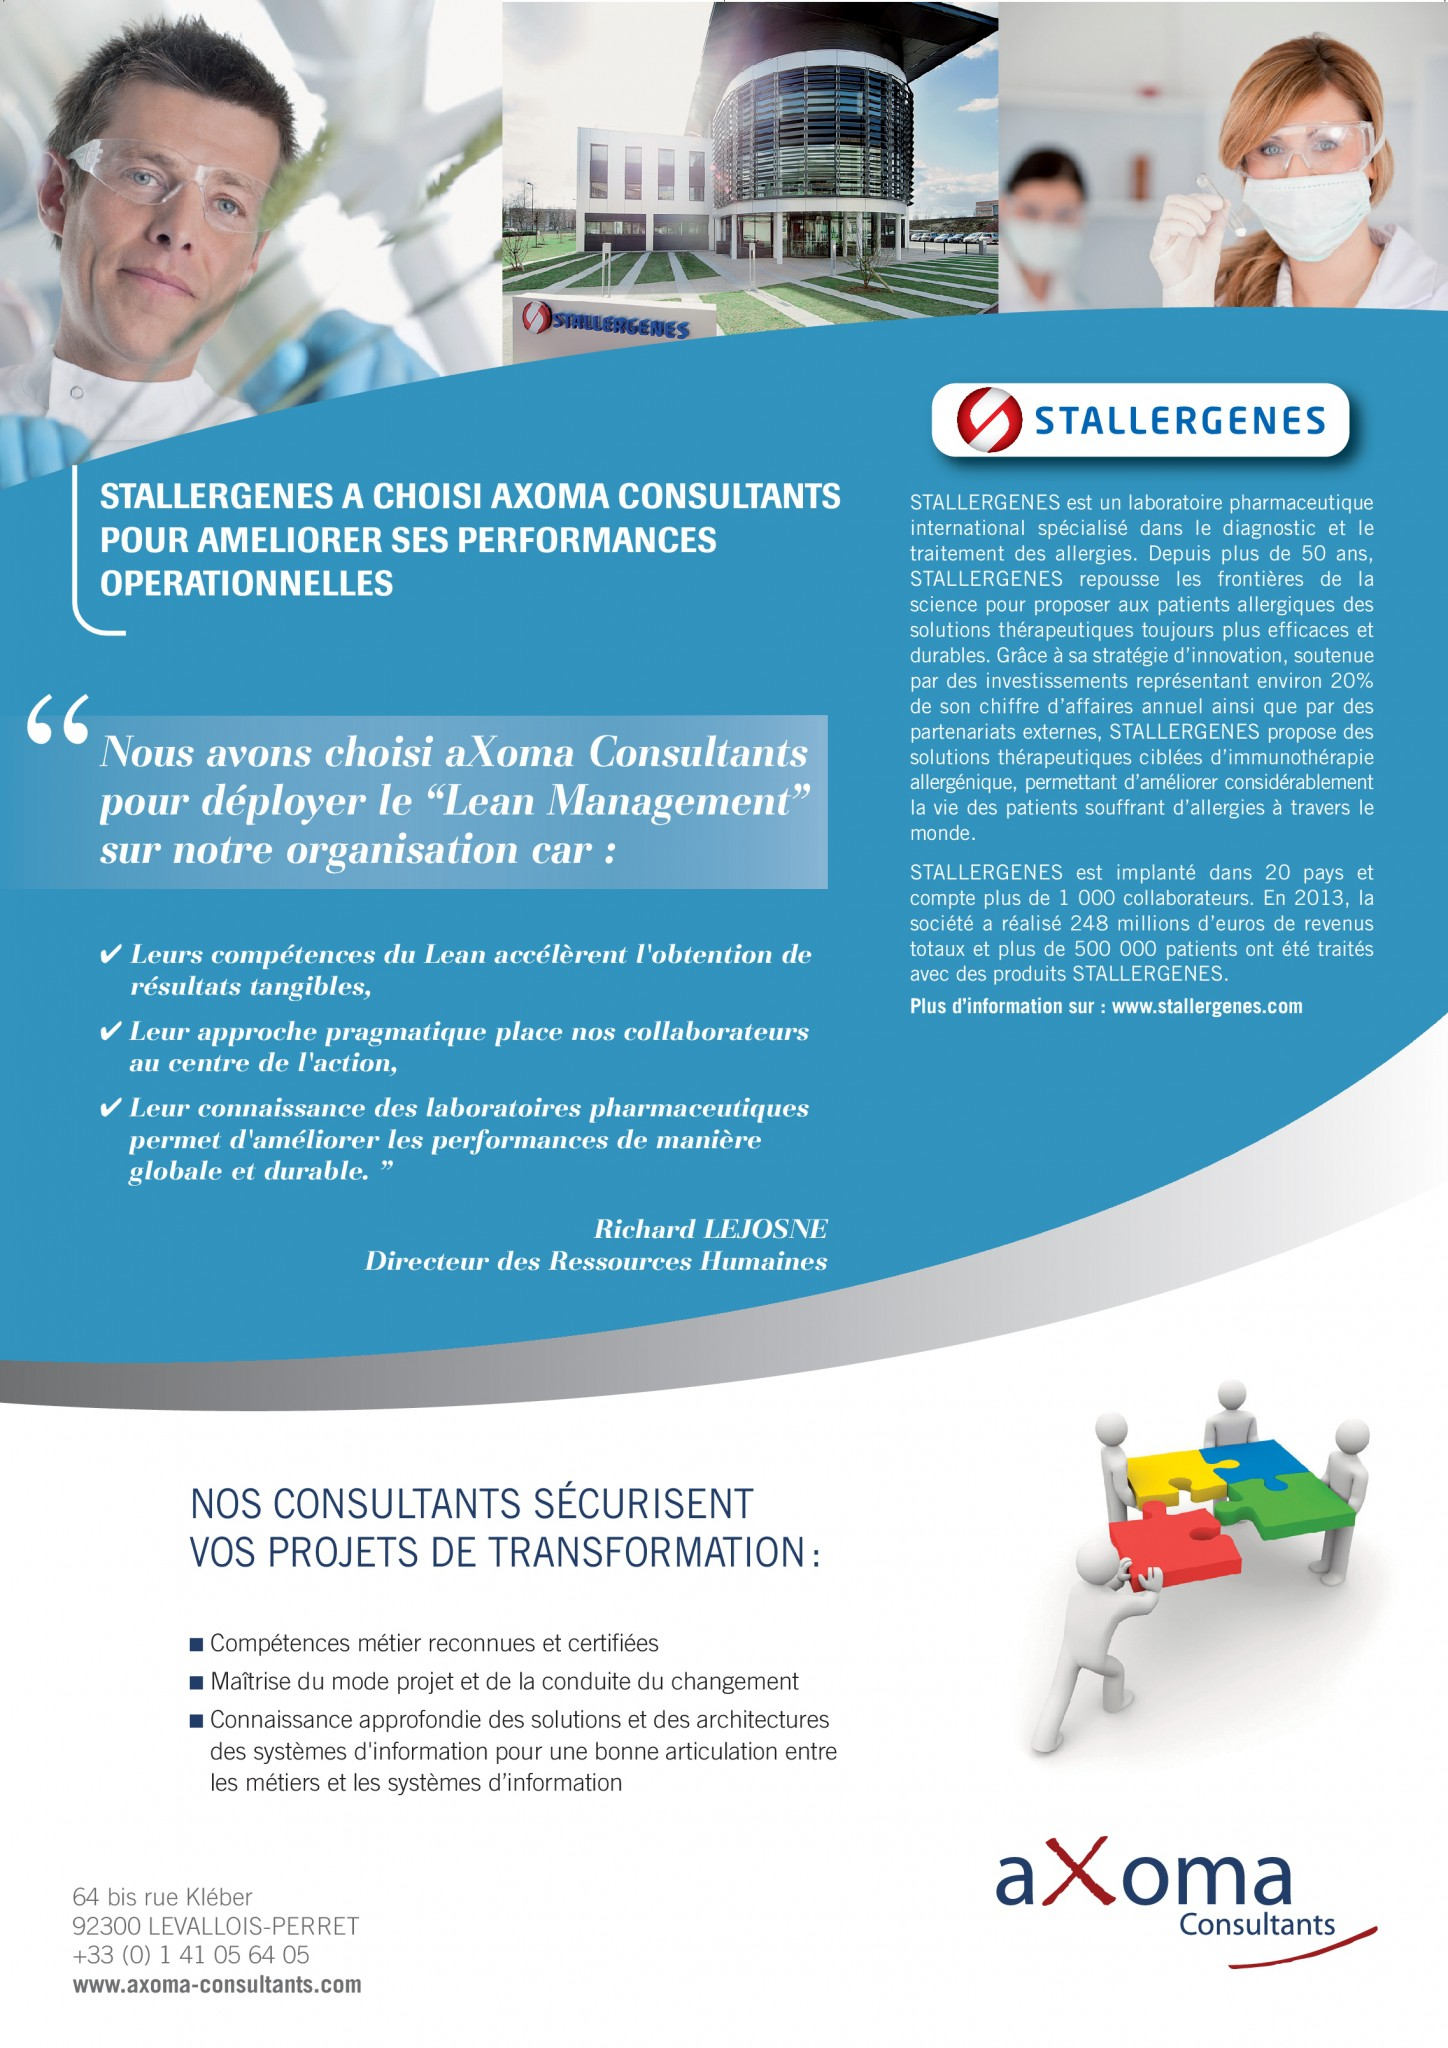 aXoma-Consultants-et-Stallergenes